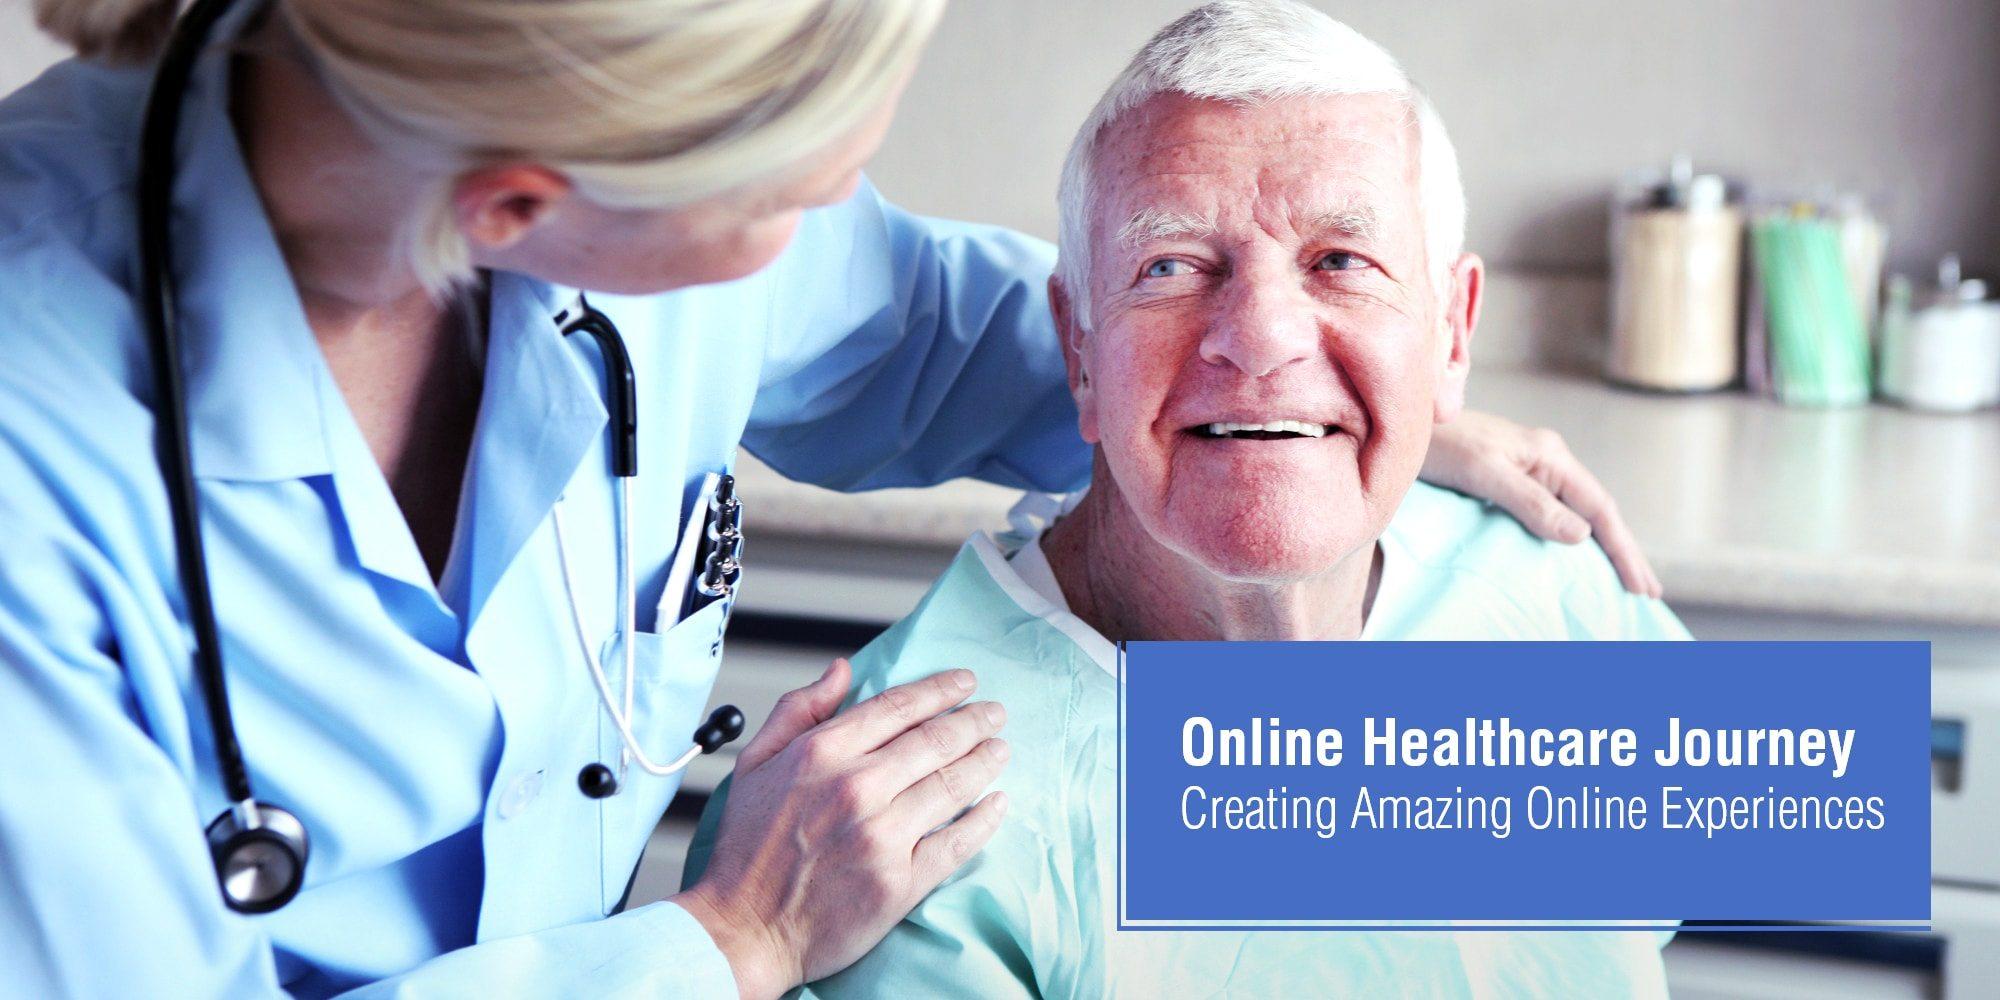 Online healthcare journey